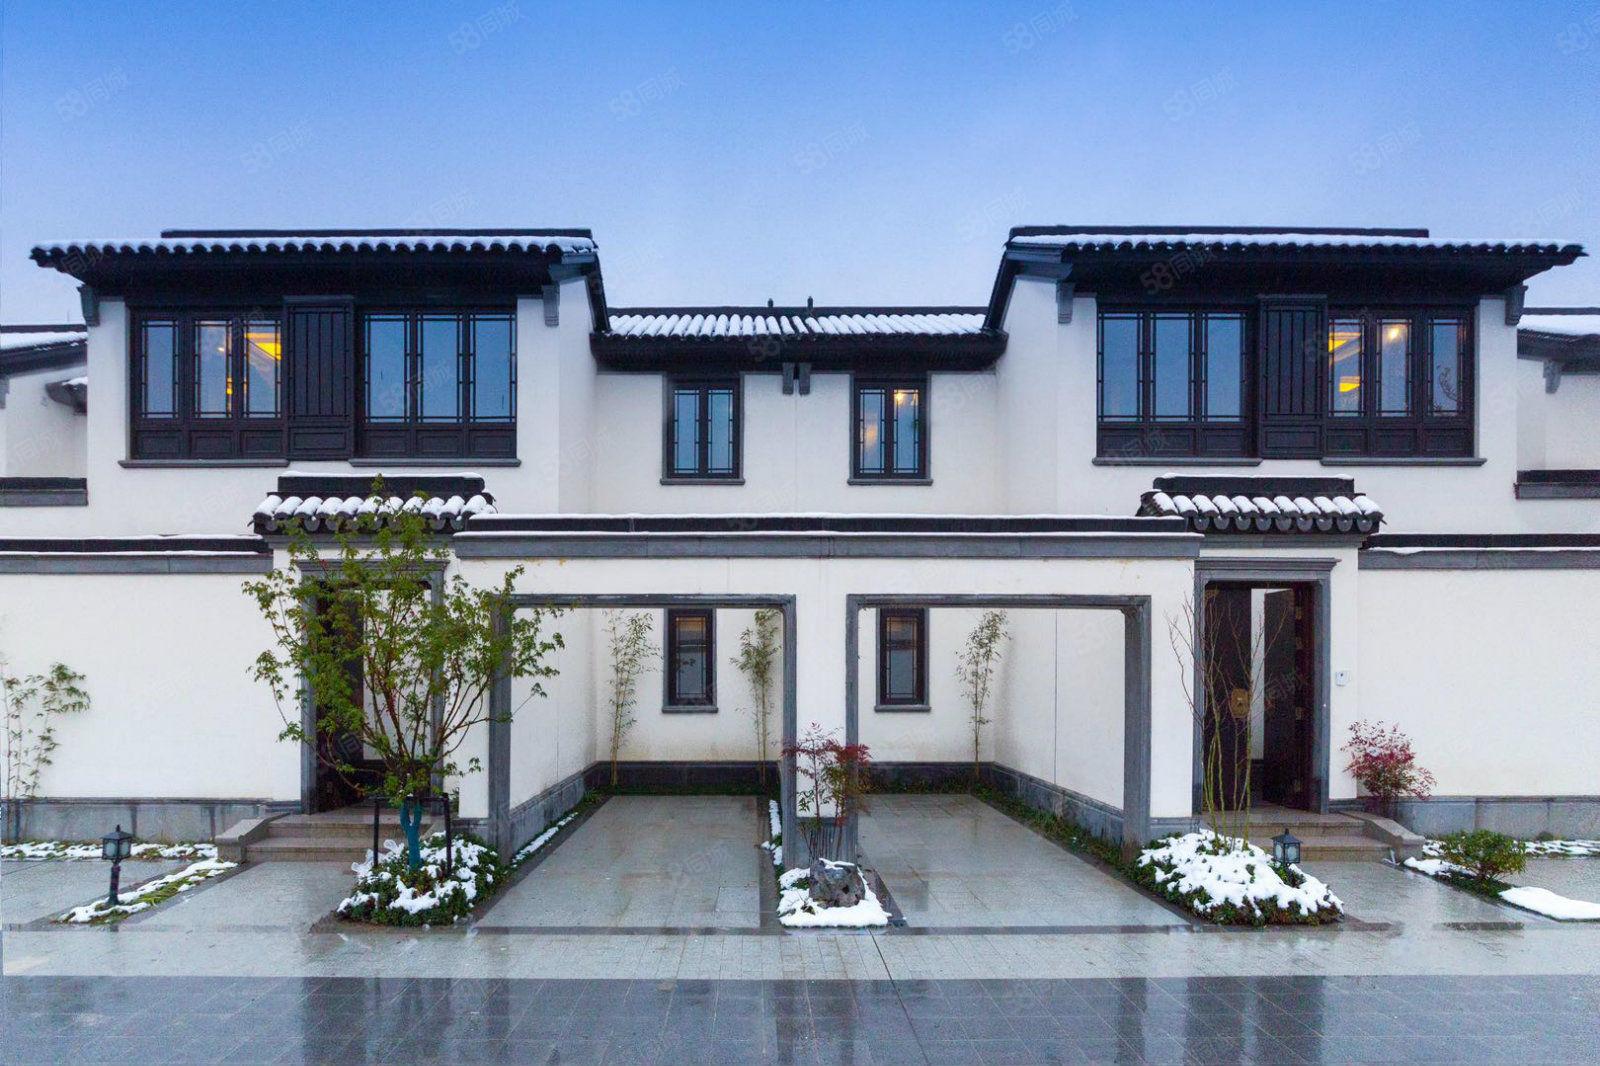 蓝城观云,中式合院别墅庭院100平,业主置换急售送精装带家具